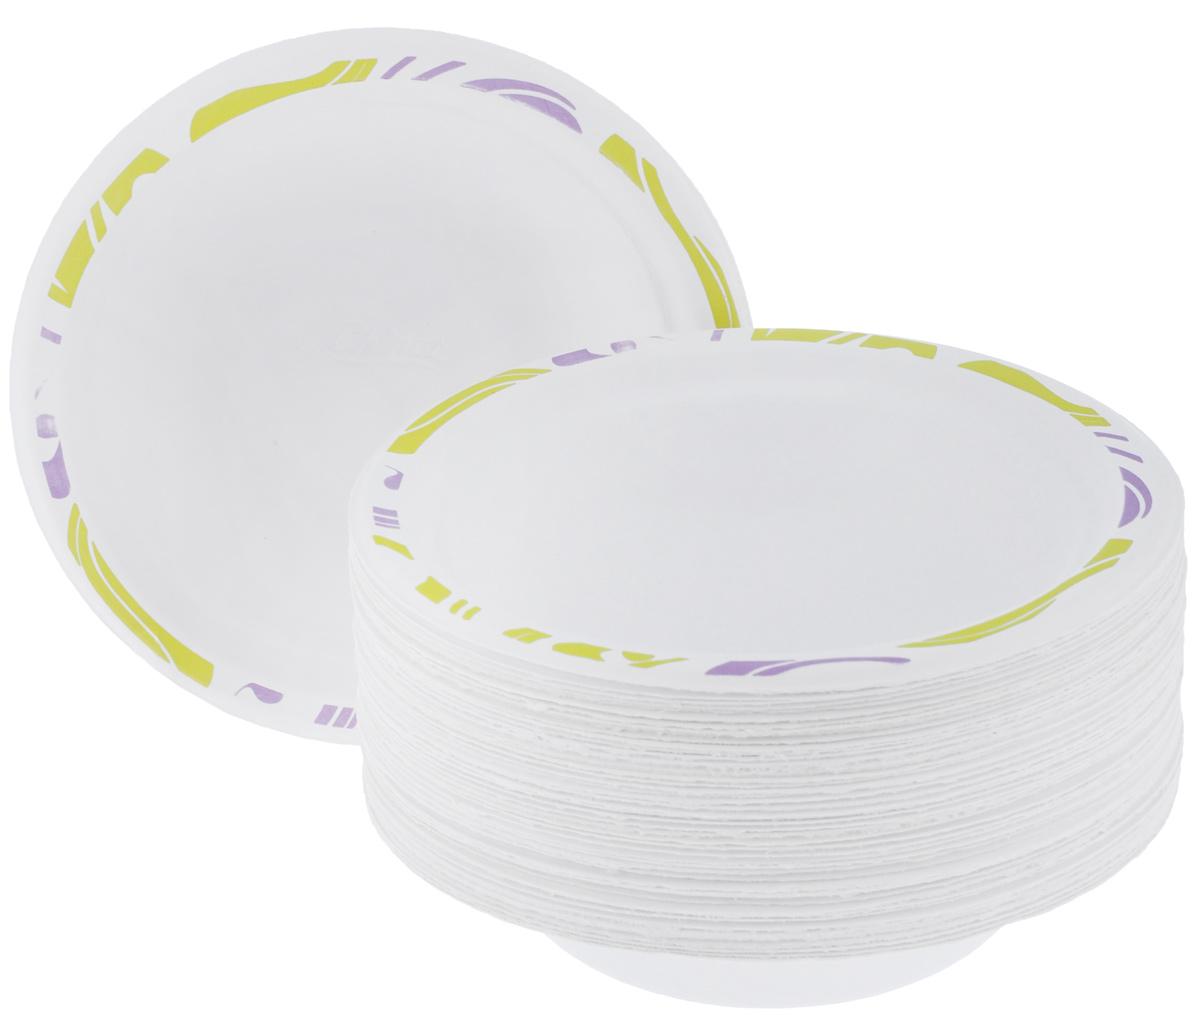 Набор одноразовых тарелок Chinet Flavour, цвет: белый, светло-зеленый, диаметр 18 см, 50 штПОС25663Набор Chinet Flavour состоит из 50 круглых тарелок, выполненных из плотной бумаги и предназначенных для одноразового использования. Изделия декорированы оригинальным узором. Одноразовые тарелки будут незаменимы при поездках на природу, пикниках и других мероприятиях. Они не займут много места, легки и самое главное - после использования их не надо мыть. Диаметр тарелки: 18 см. Высота тарелки: 1,5 см.